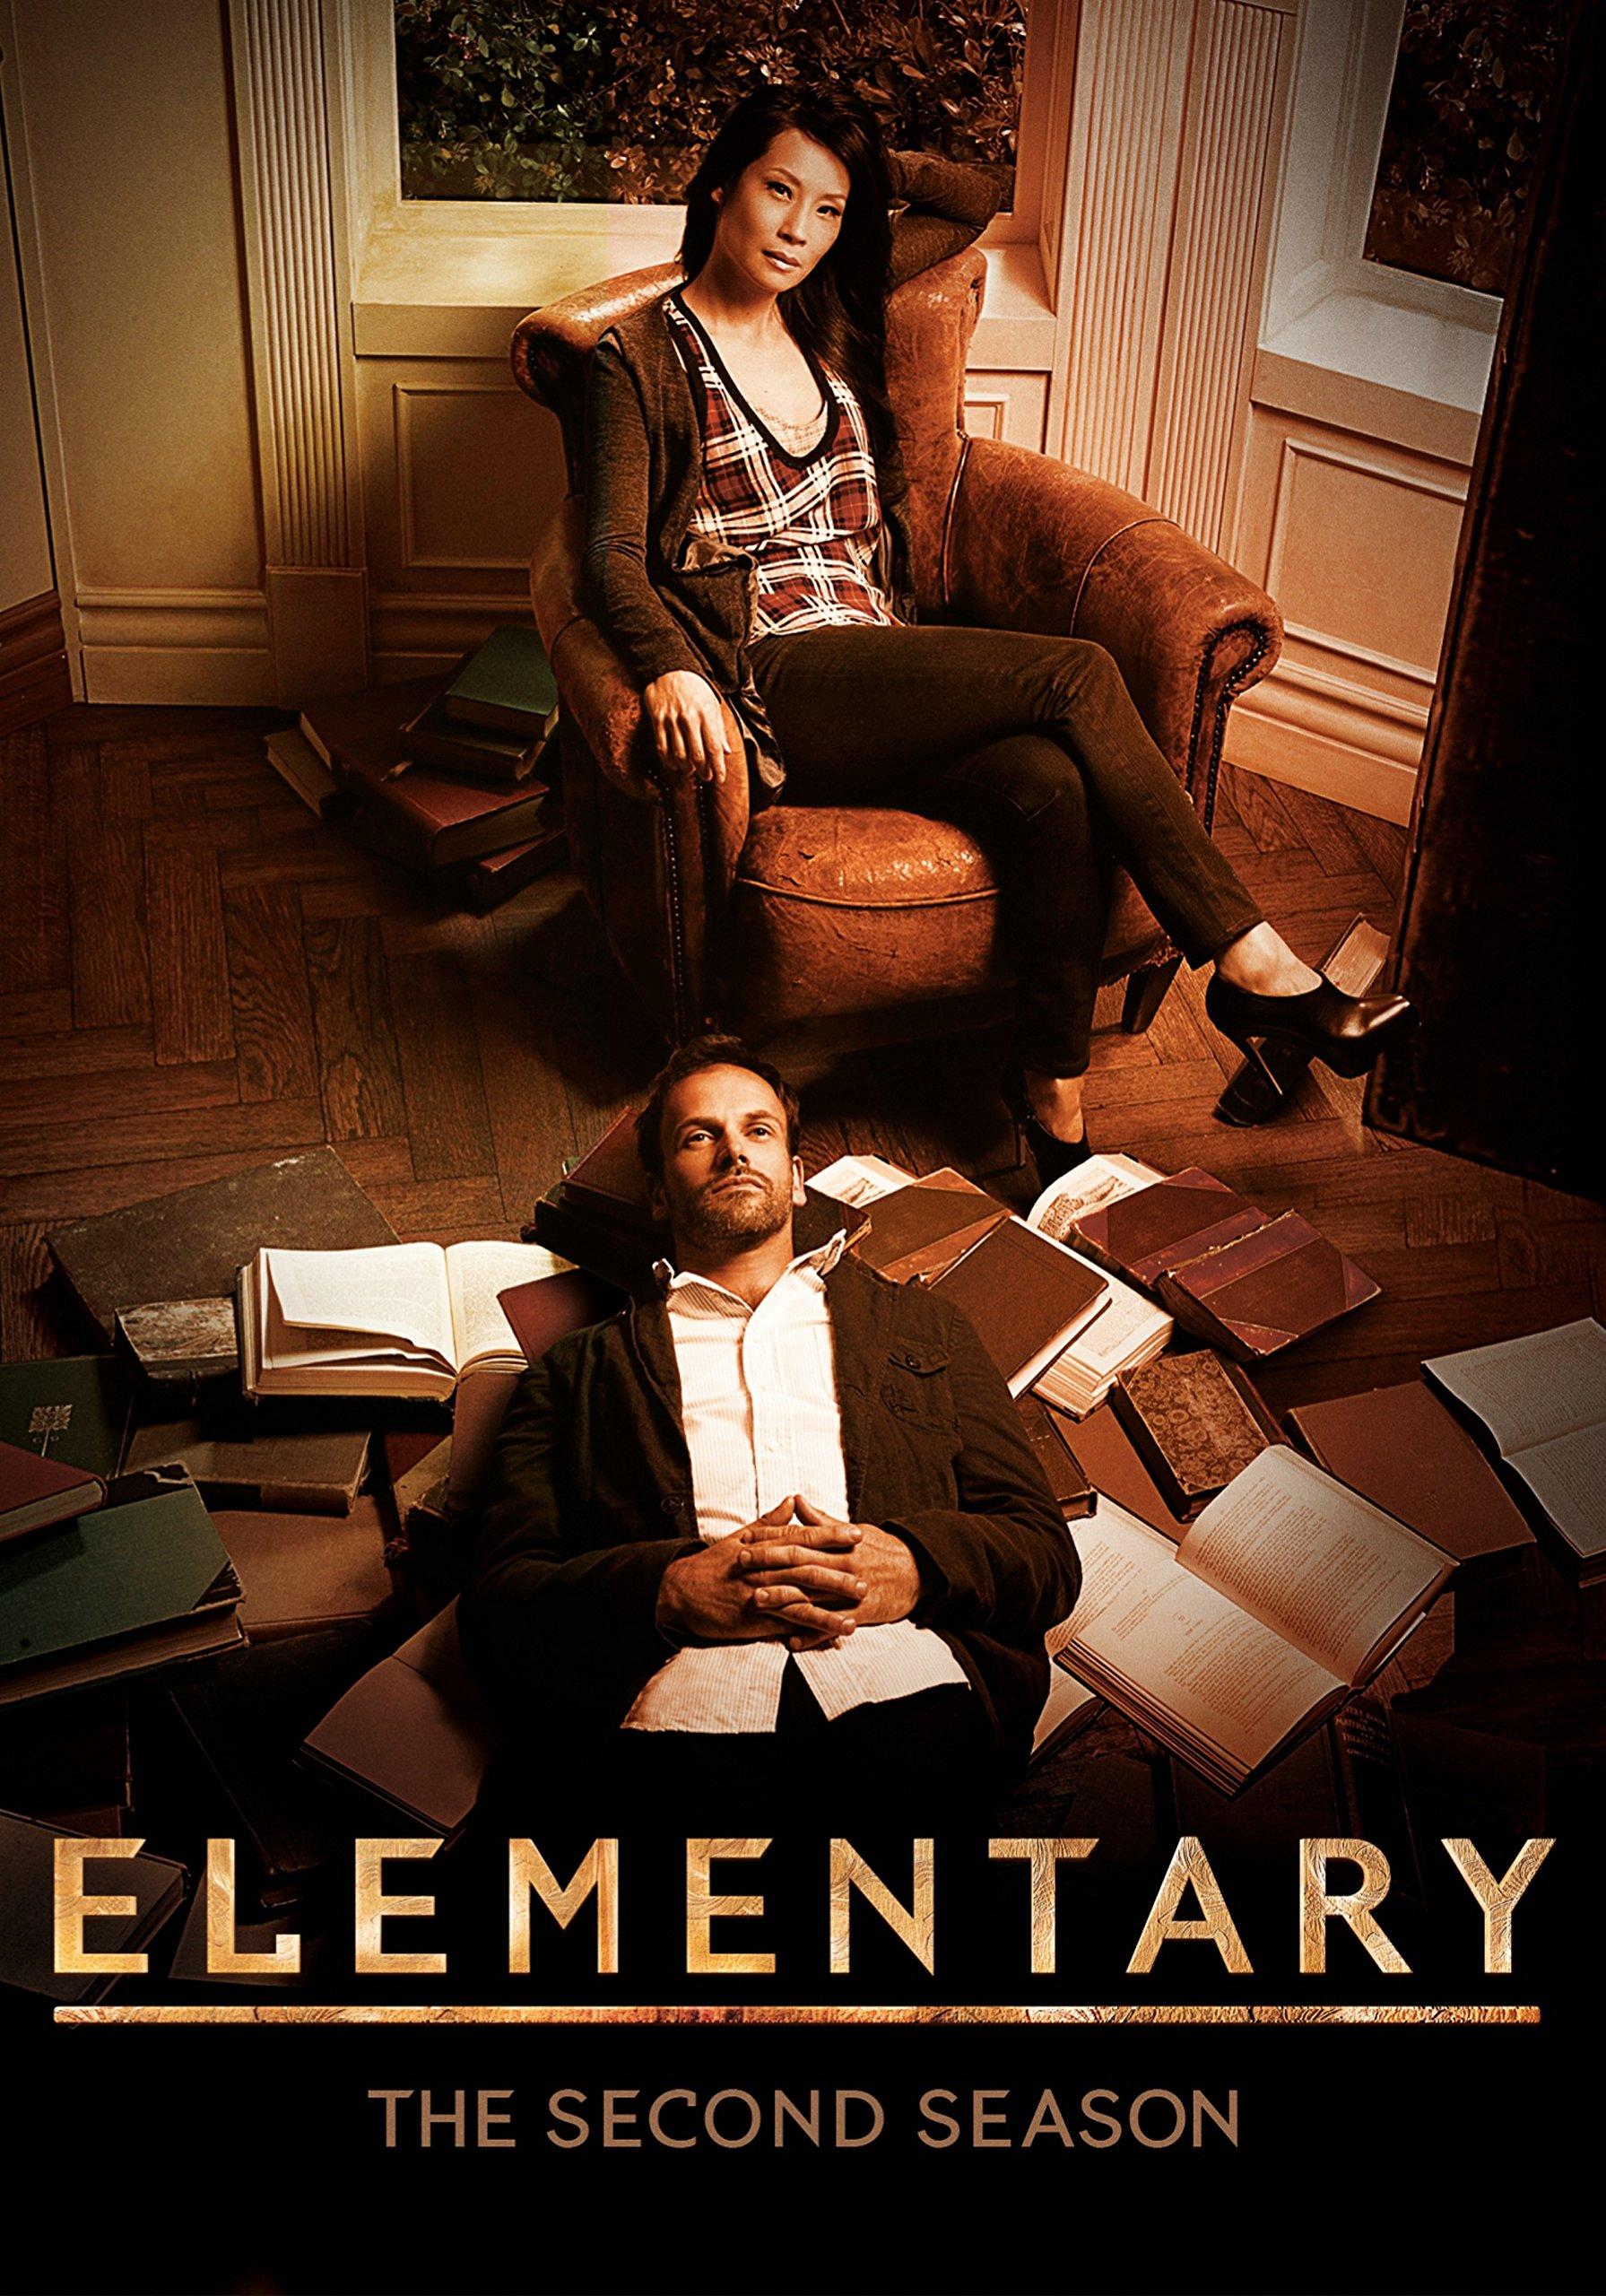 Elementary Season 2 In Hd 720p